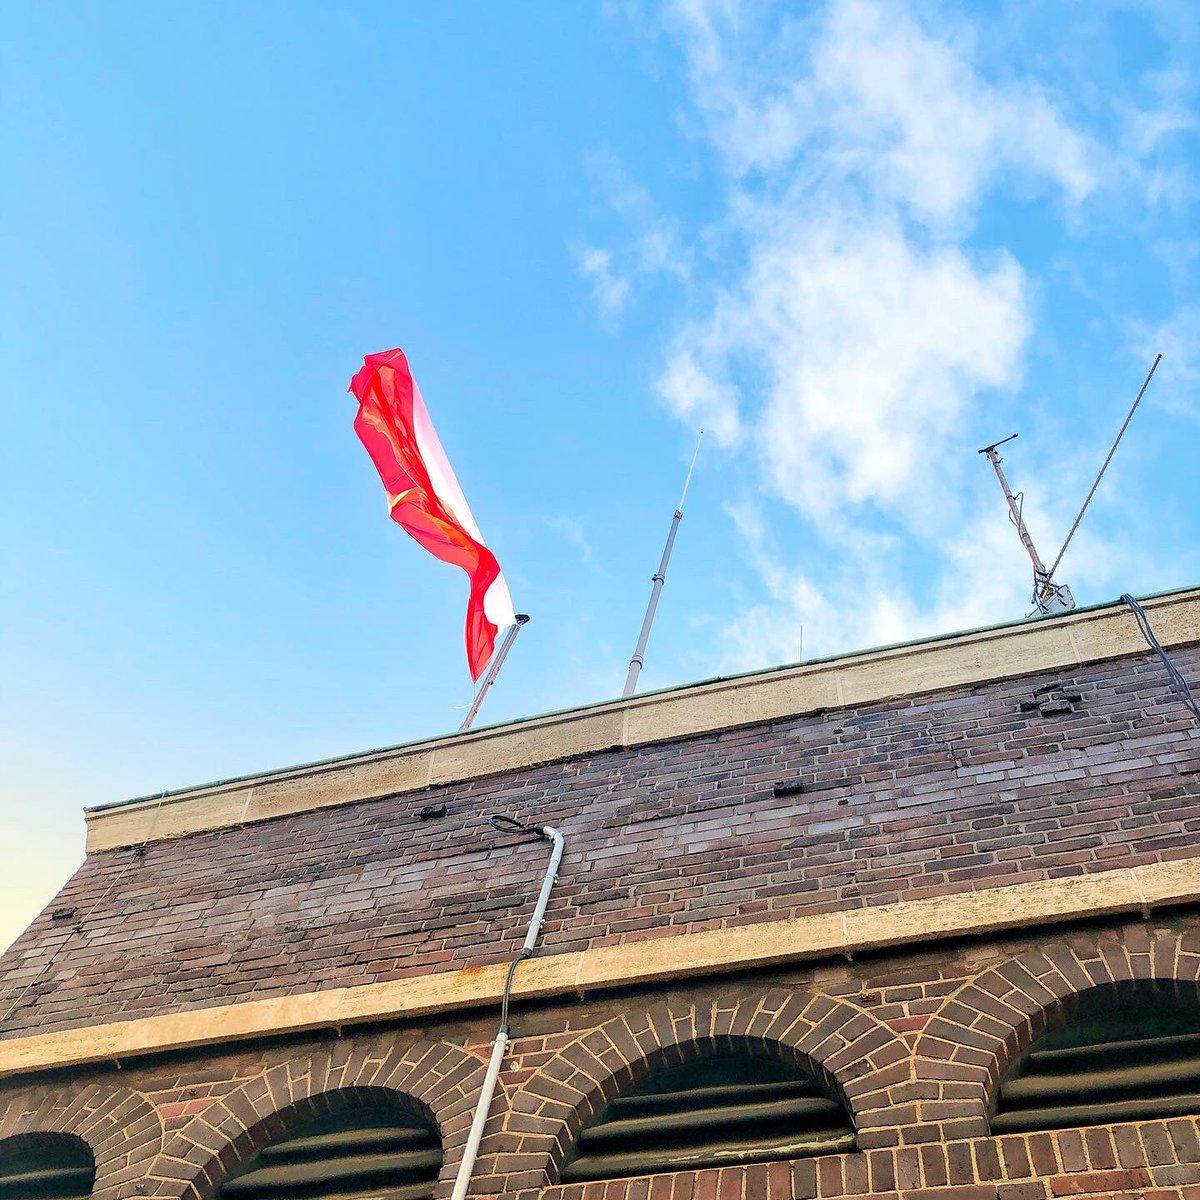 Dziś Polska flaga  nad ratuszem w #Oberhausen gdzie w imieniu Andrzeja Dziuby - Prezydenta Tychów podpisałem porozumienie o współpracy pomiędzy #Oberhausen i @MiastoTychy Tychy@PLinKoelnpic.twitter.com/eNdsCMaZ0t